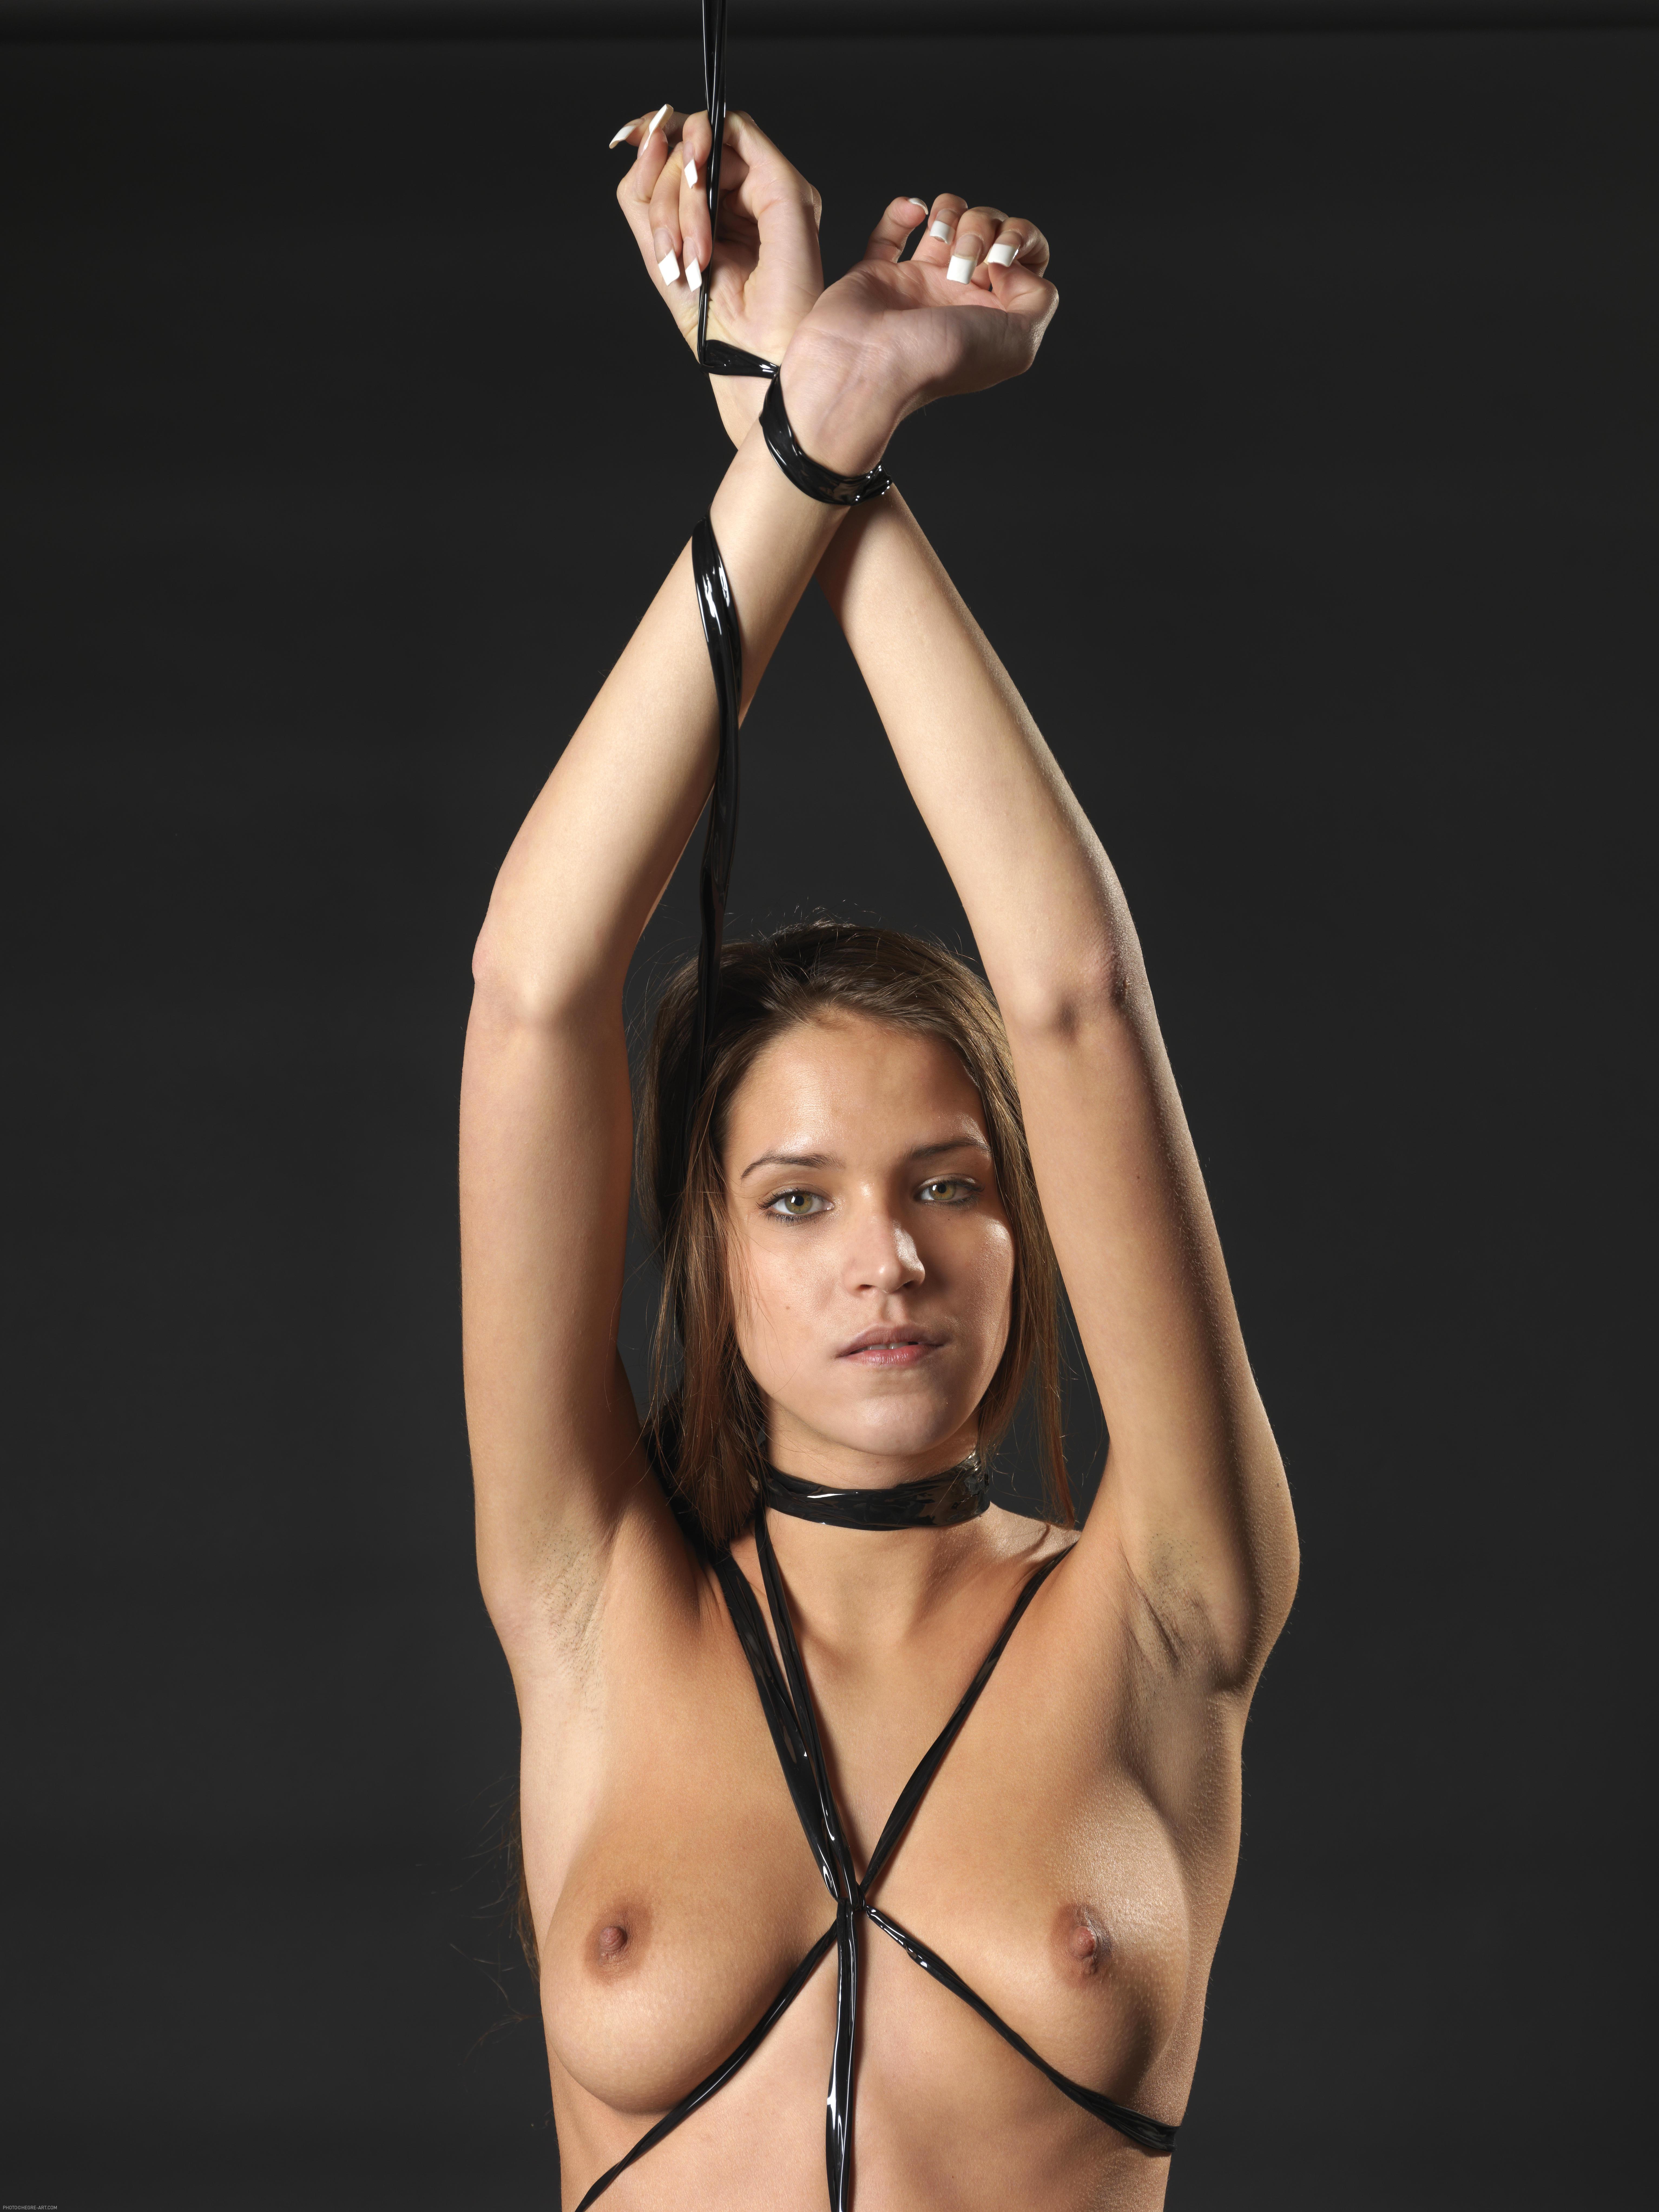 Black on black bondage